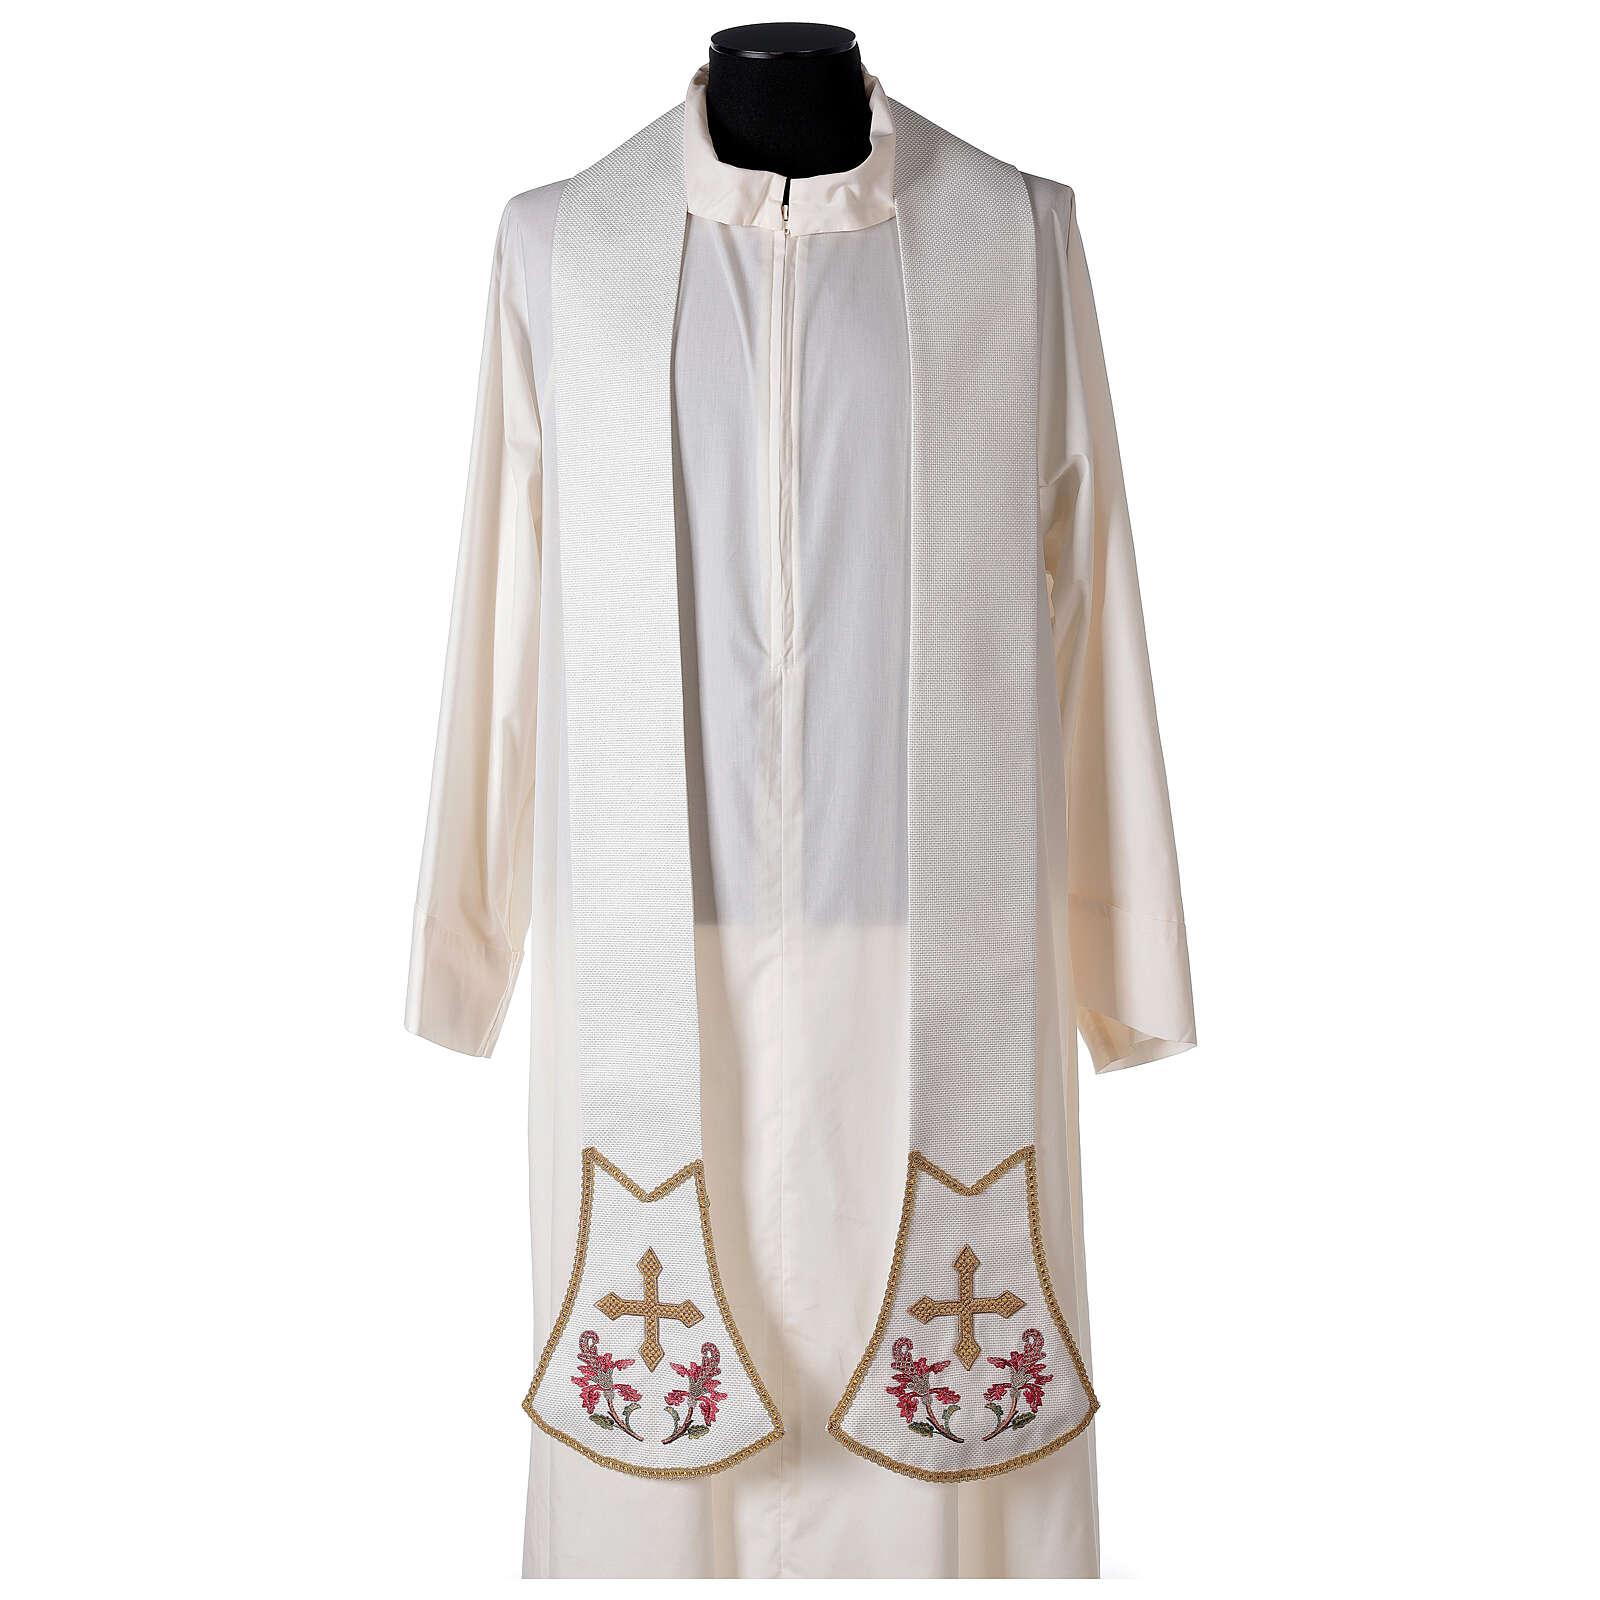 Étole pour prêtre écru broderie florale et croix dorée Édition Limitée 4